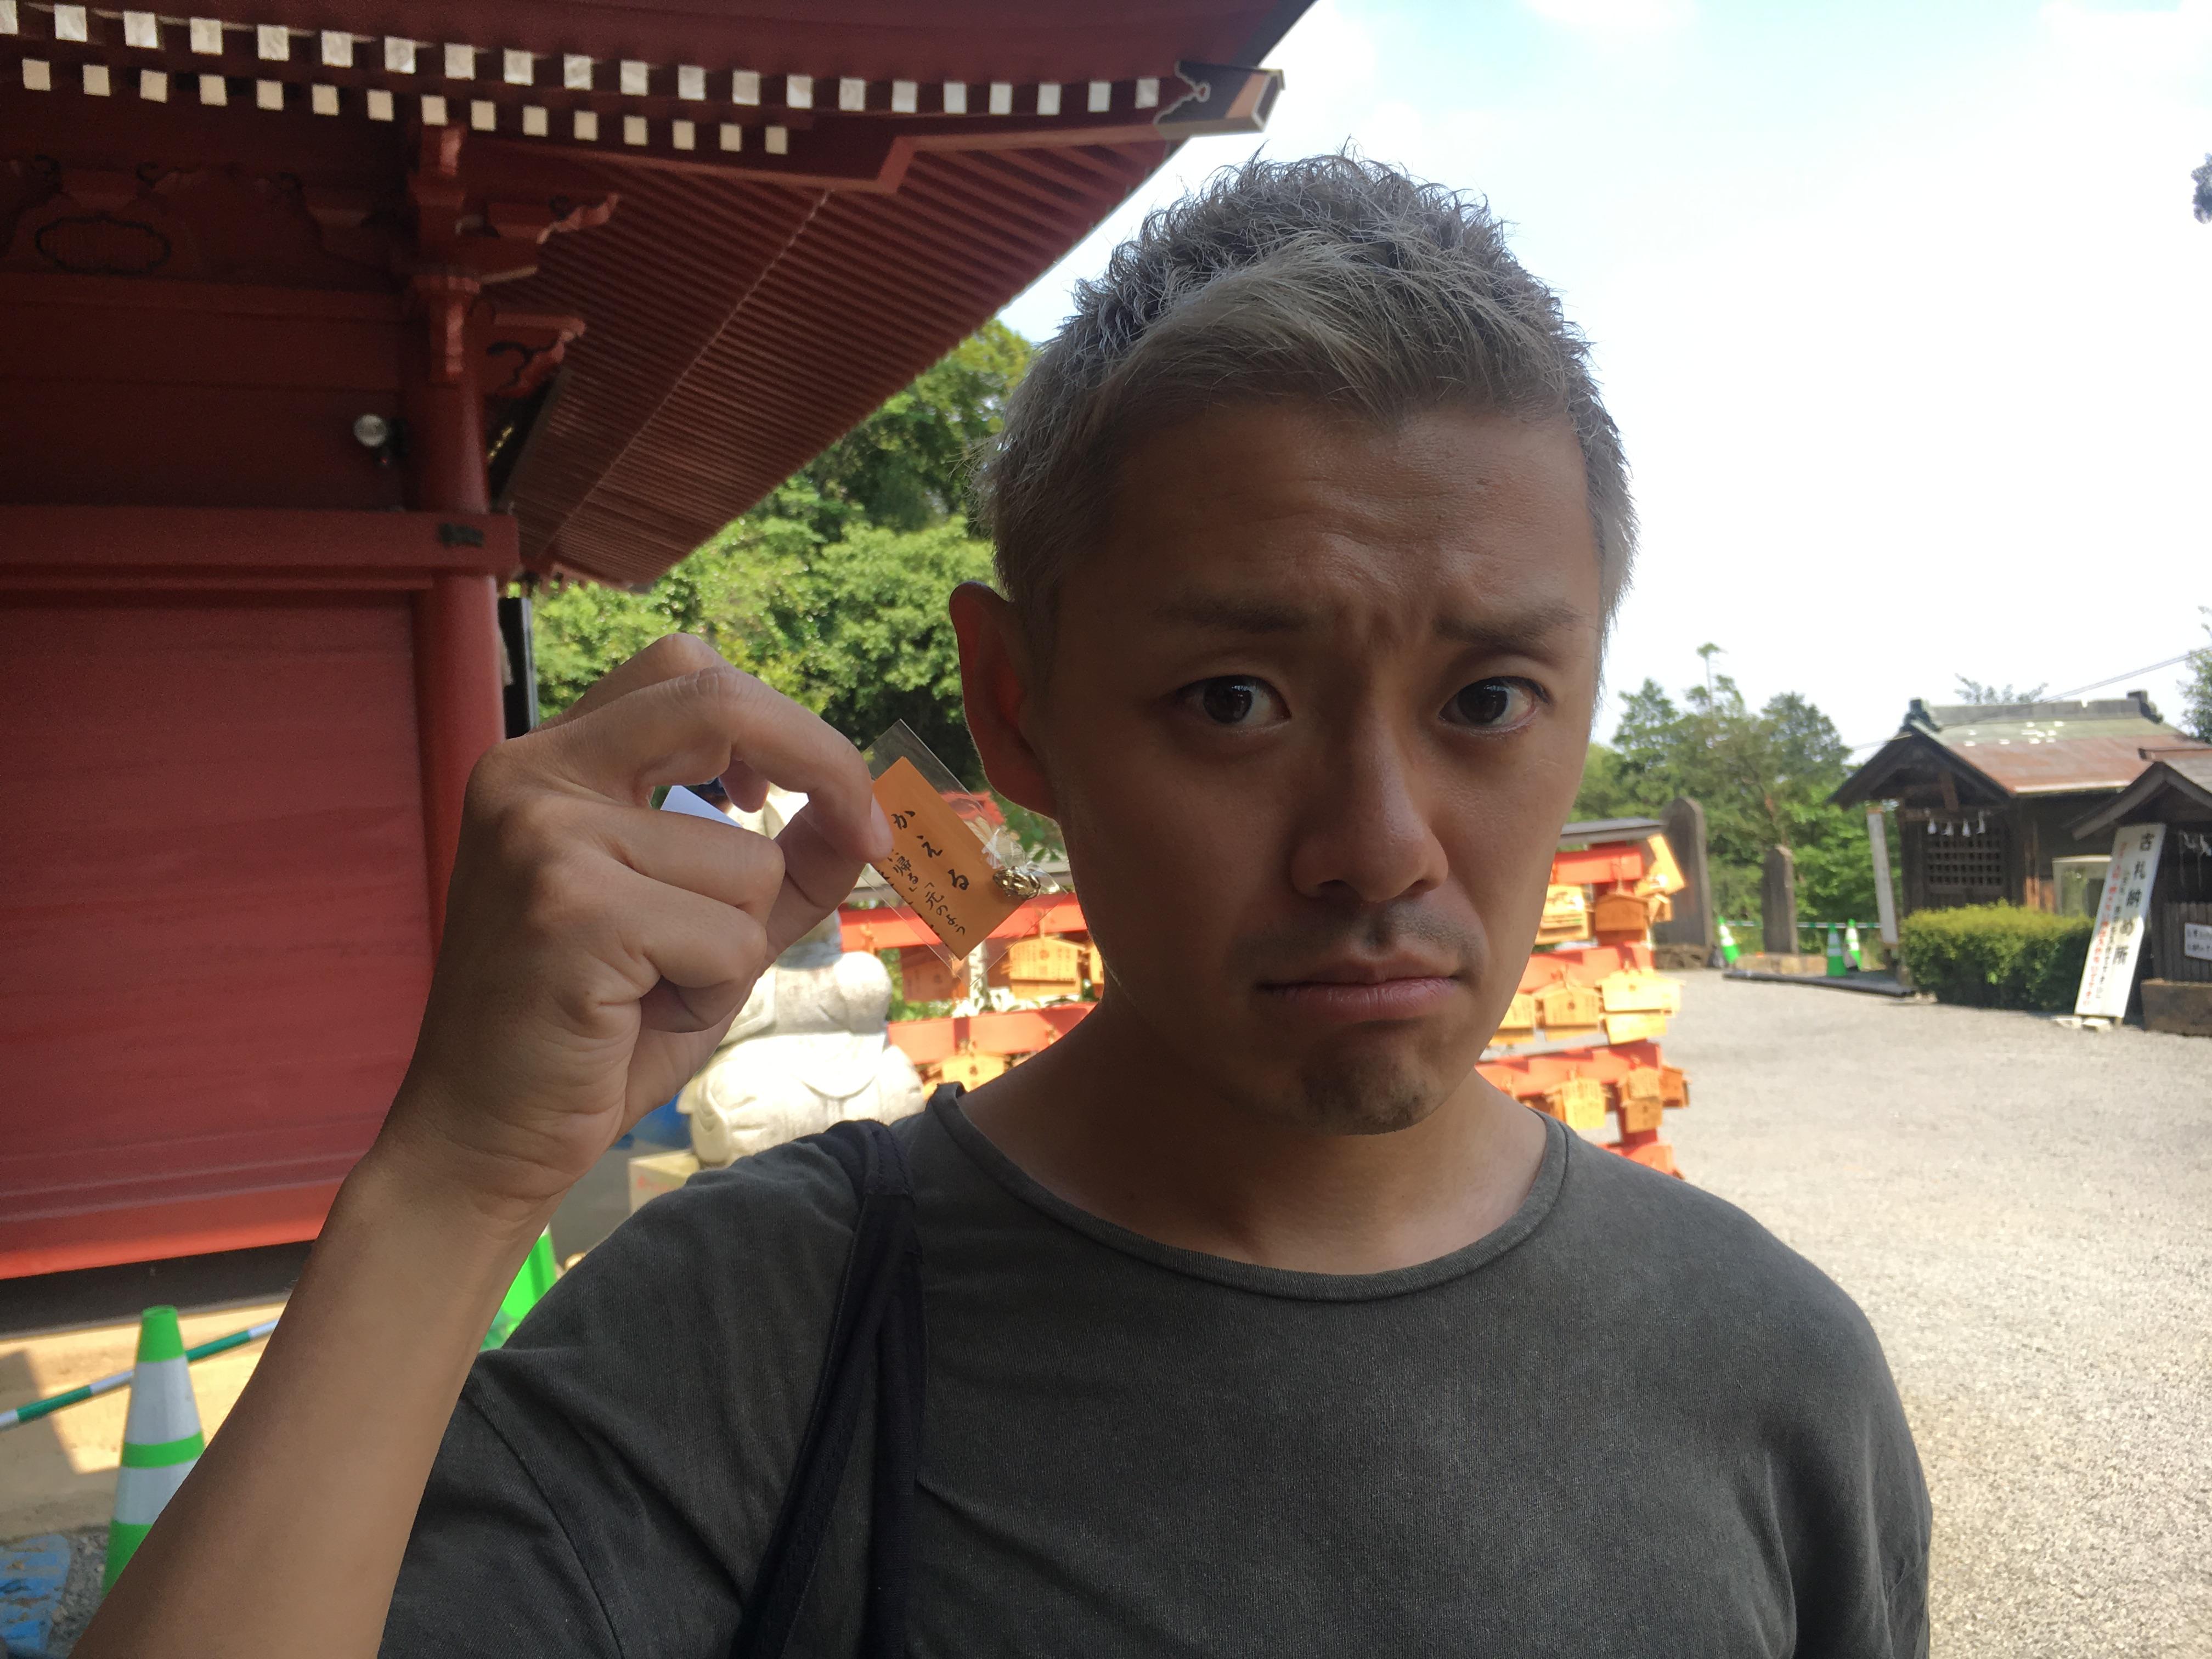 太平山神社 福神社 おみくじ